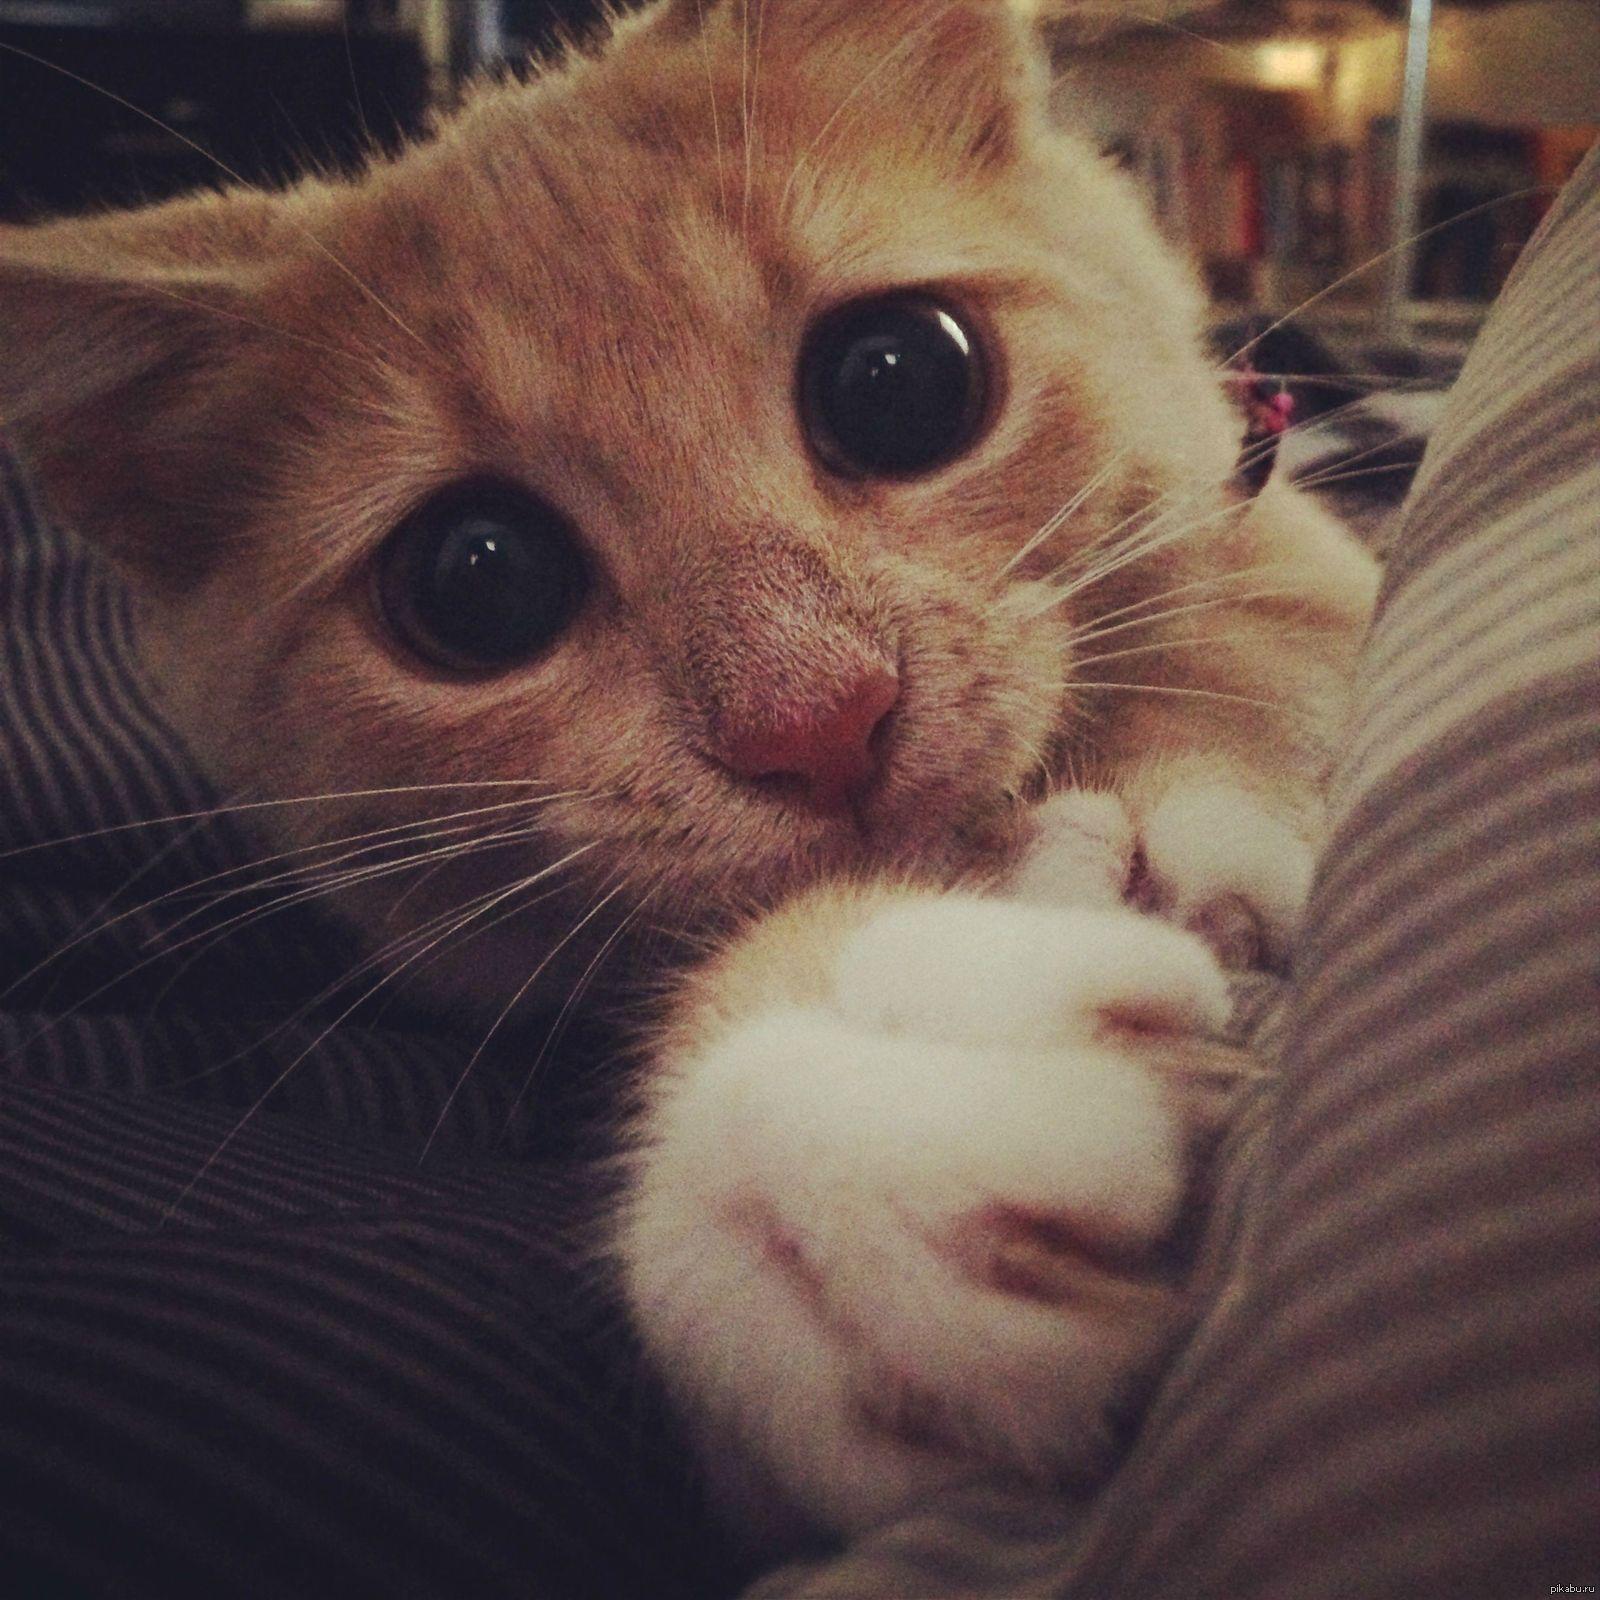 есть картинки с умоляющими котиками сосны выглядят